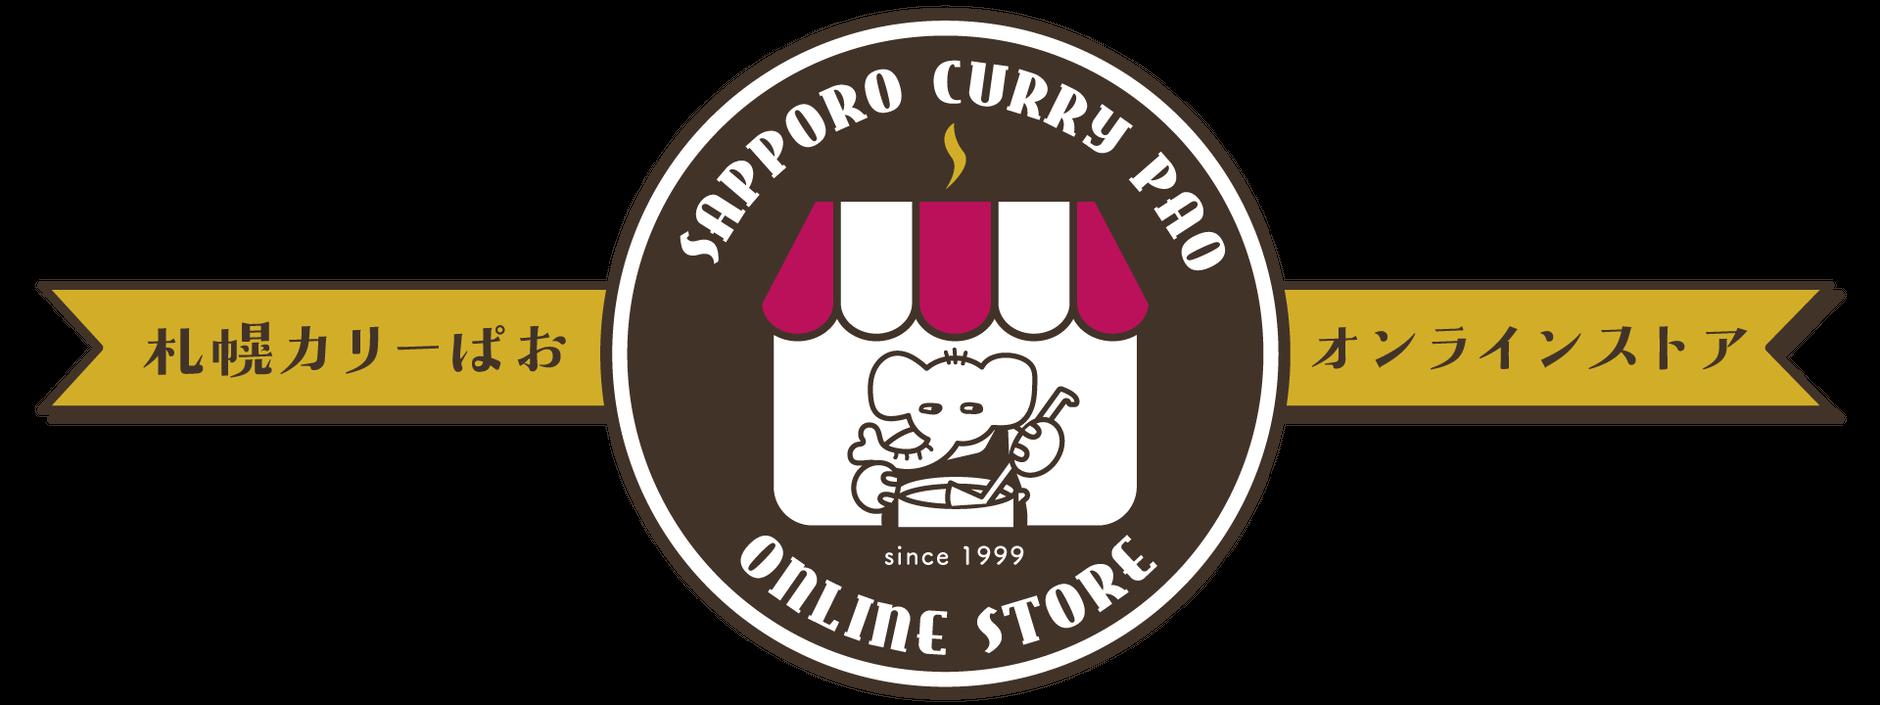 札幌カリーぱお冷凍カレーオンラインストア